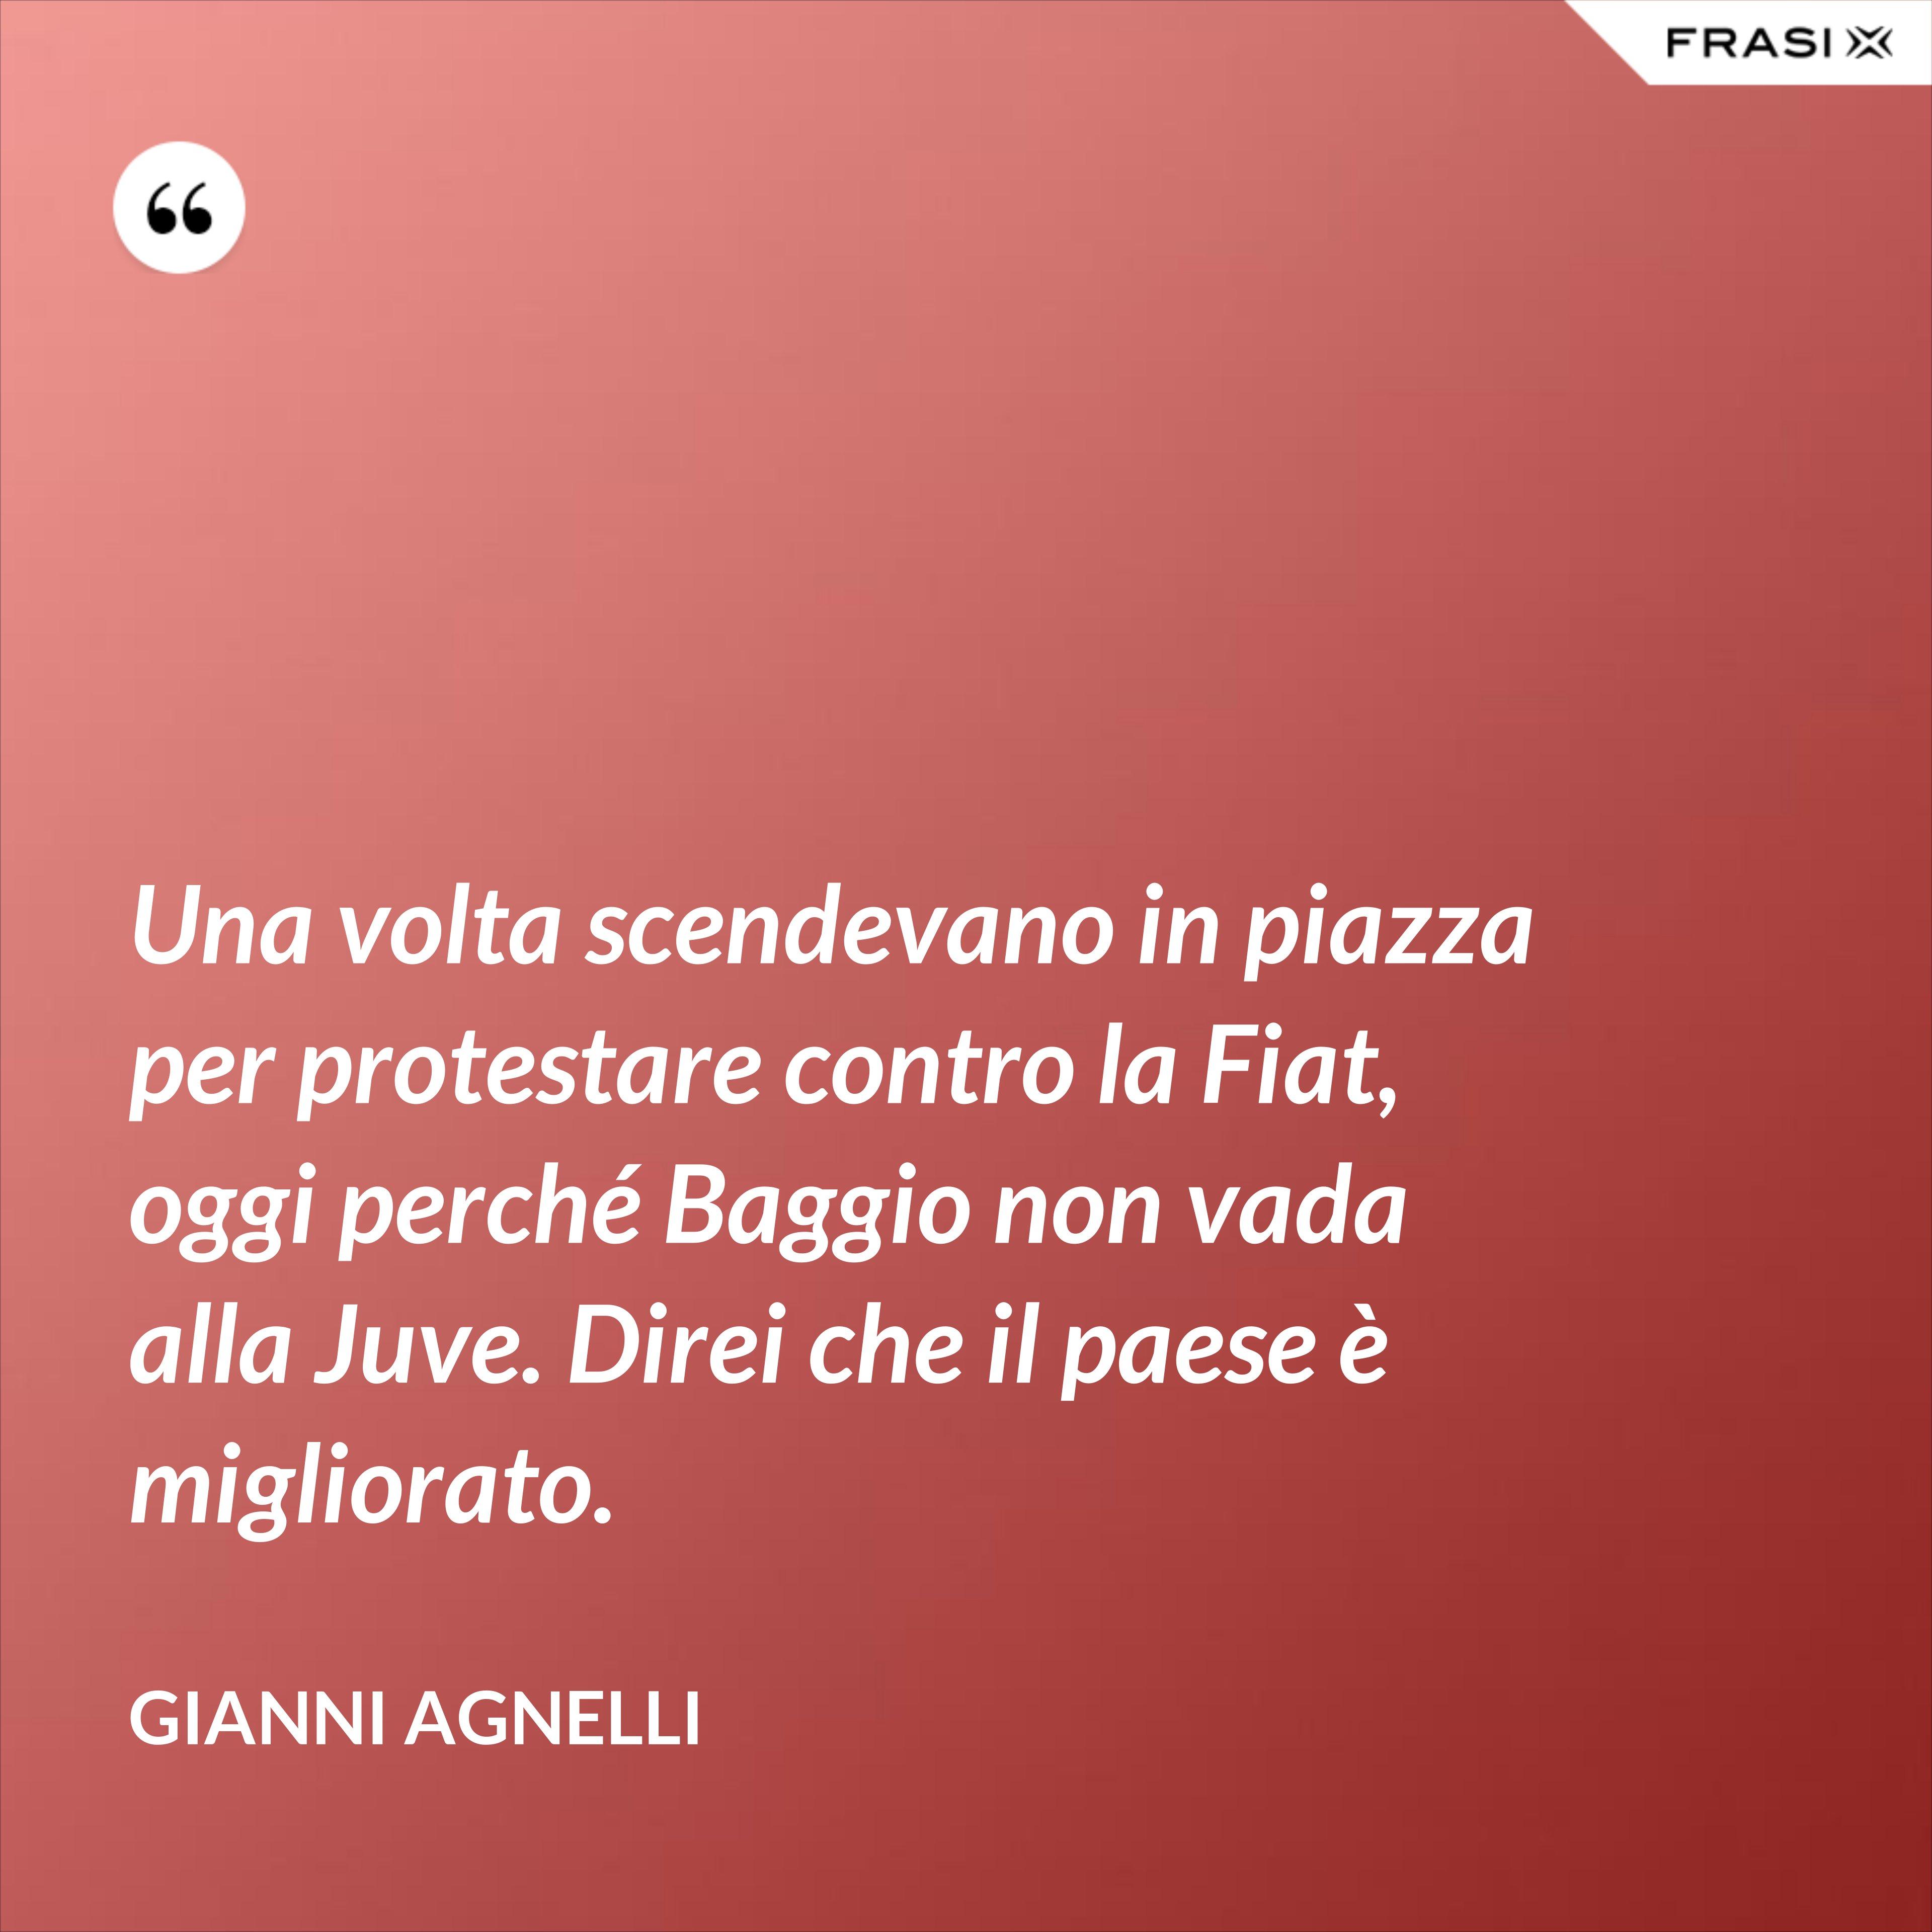 Una volta scendevano in piazza per protestare contro la Fiat, oggi perché Baggio non vada alla Juve. Direi che il paese è migliorato. - Gianni Agnelli